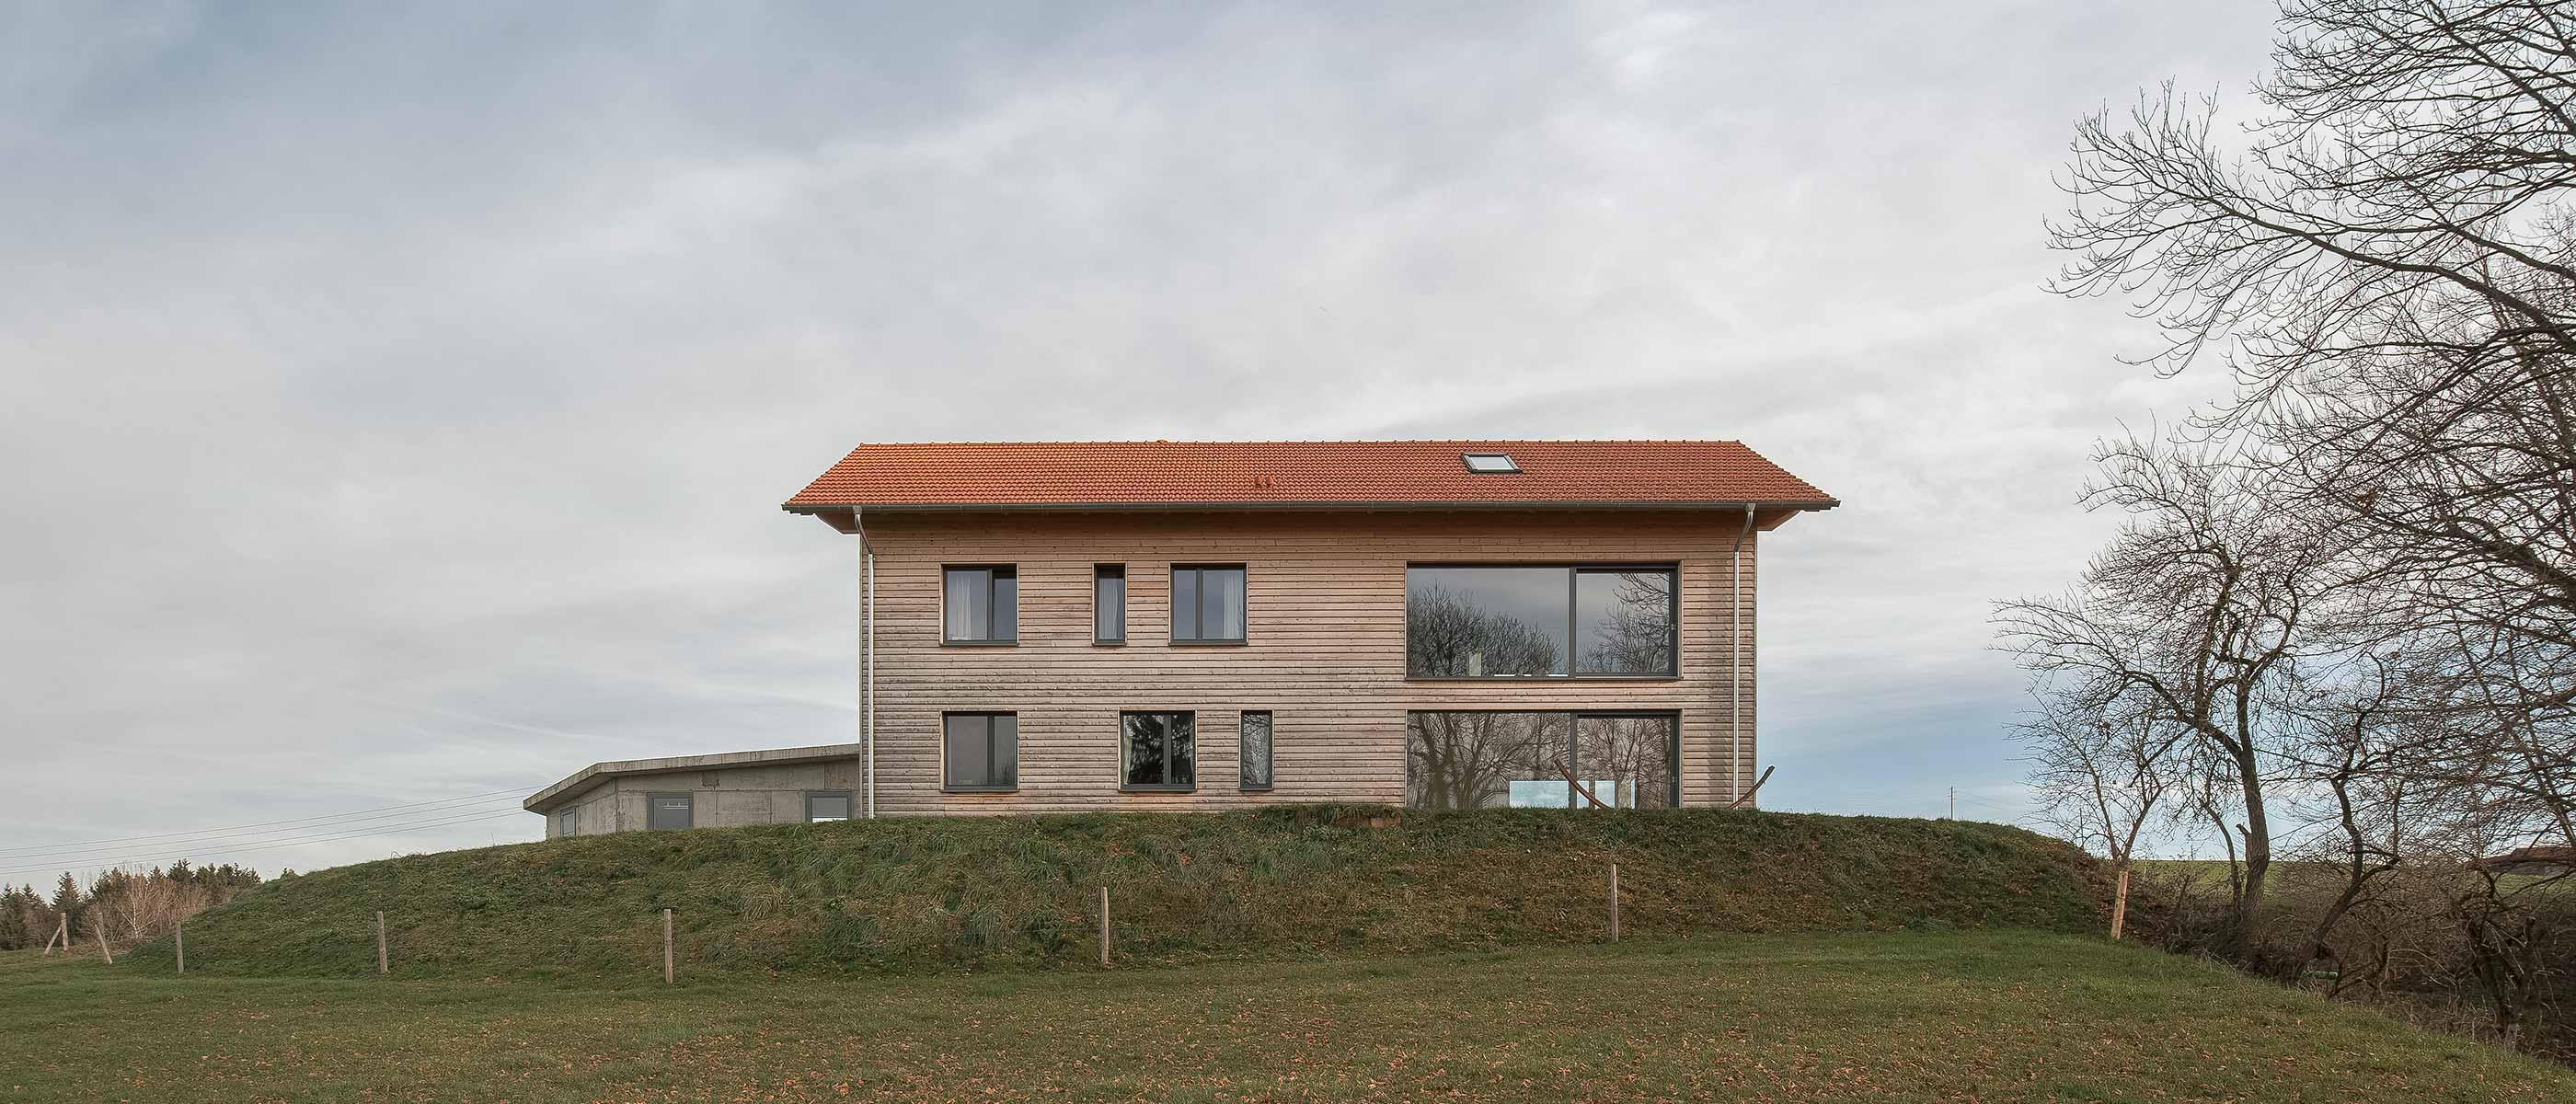 Architektur ins Landschaftsbild integriert